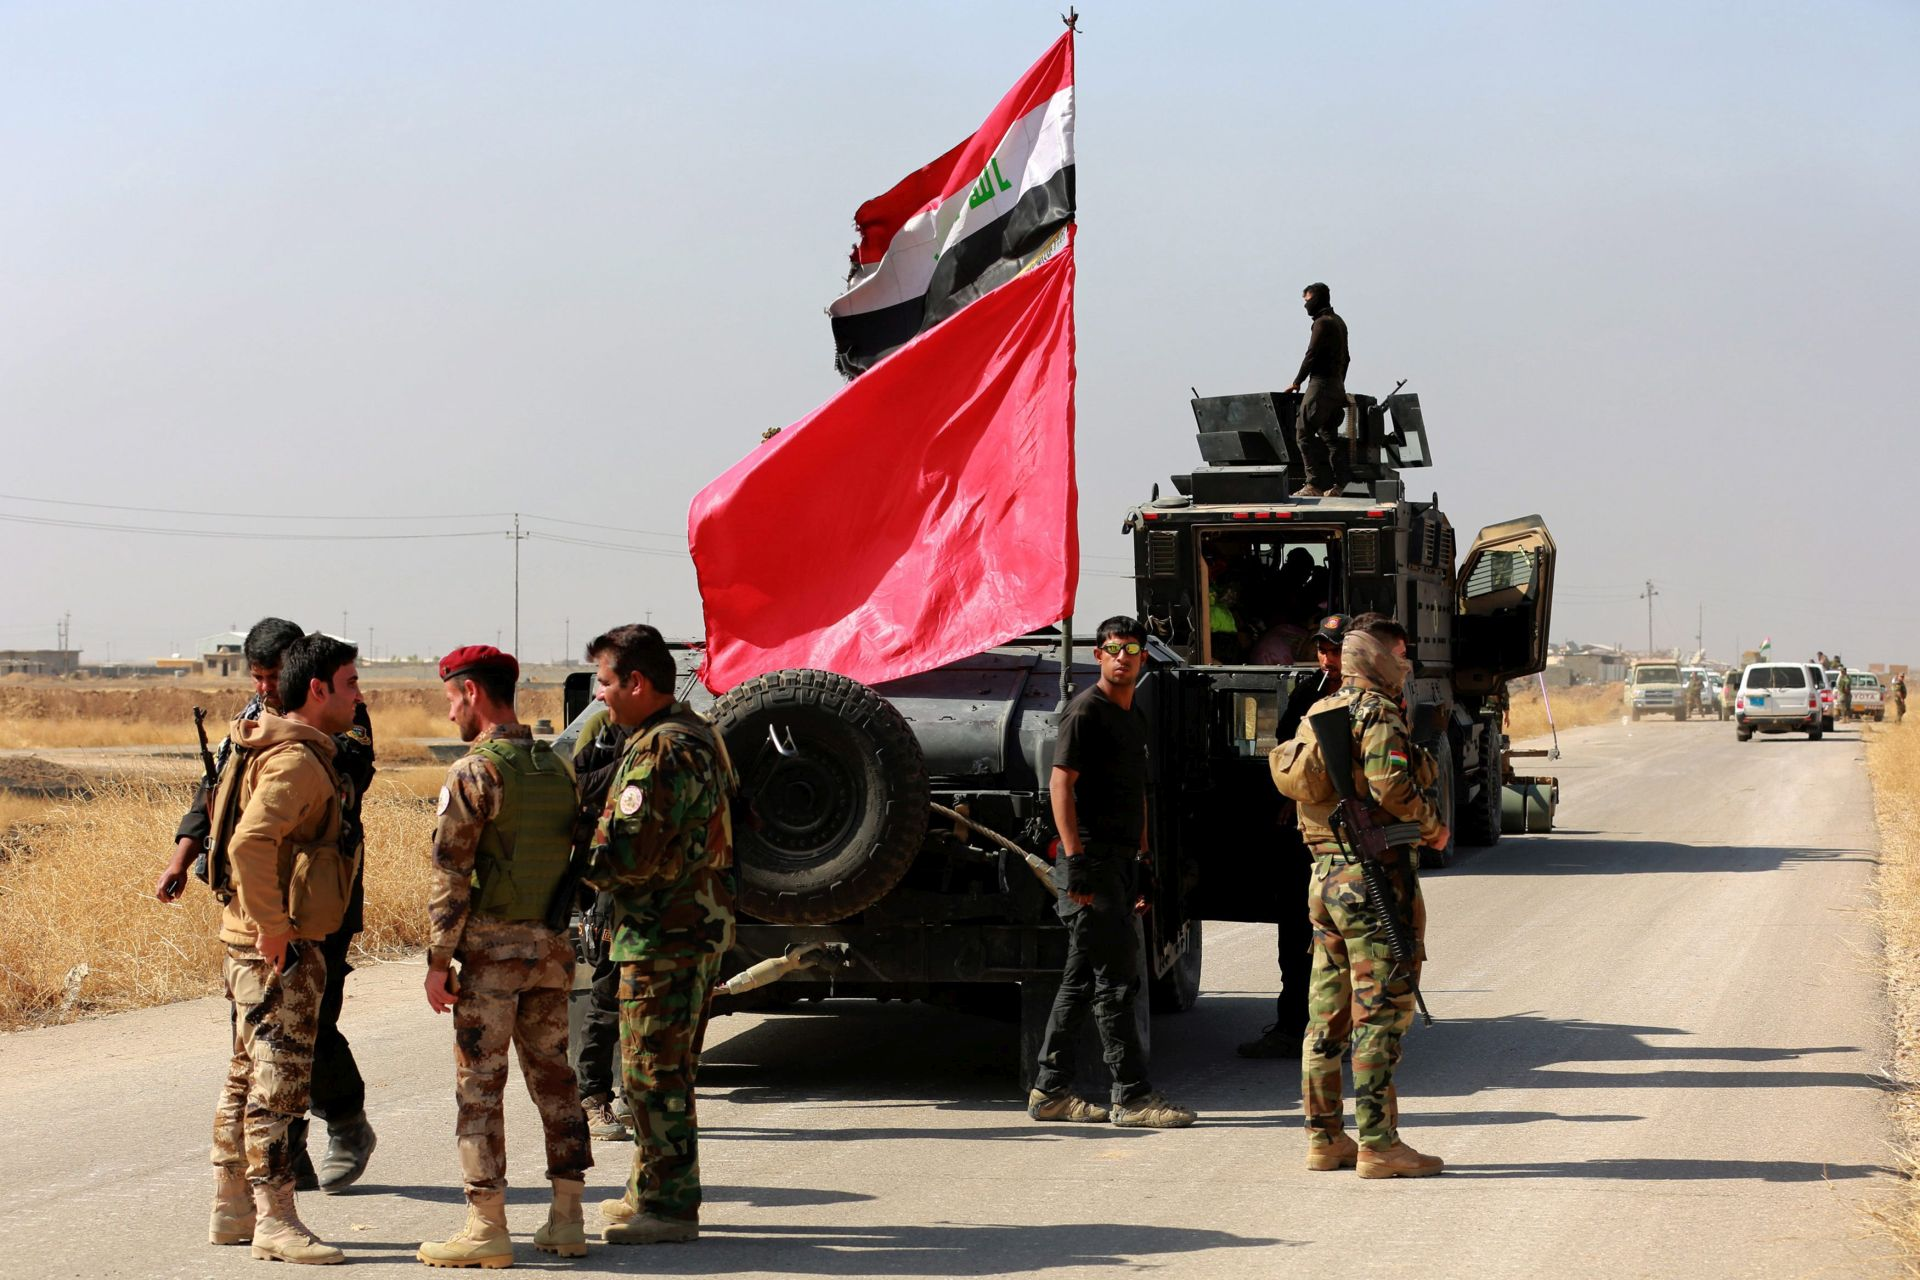 IZAZIVANJE SUKOBA Irački premijer Abadi upozorava Tursku